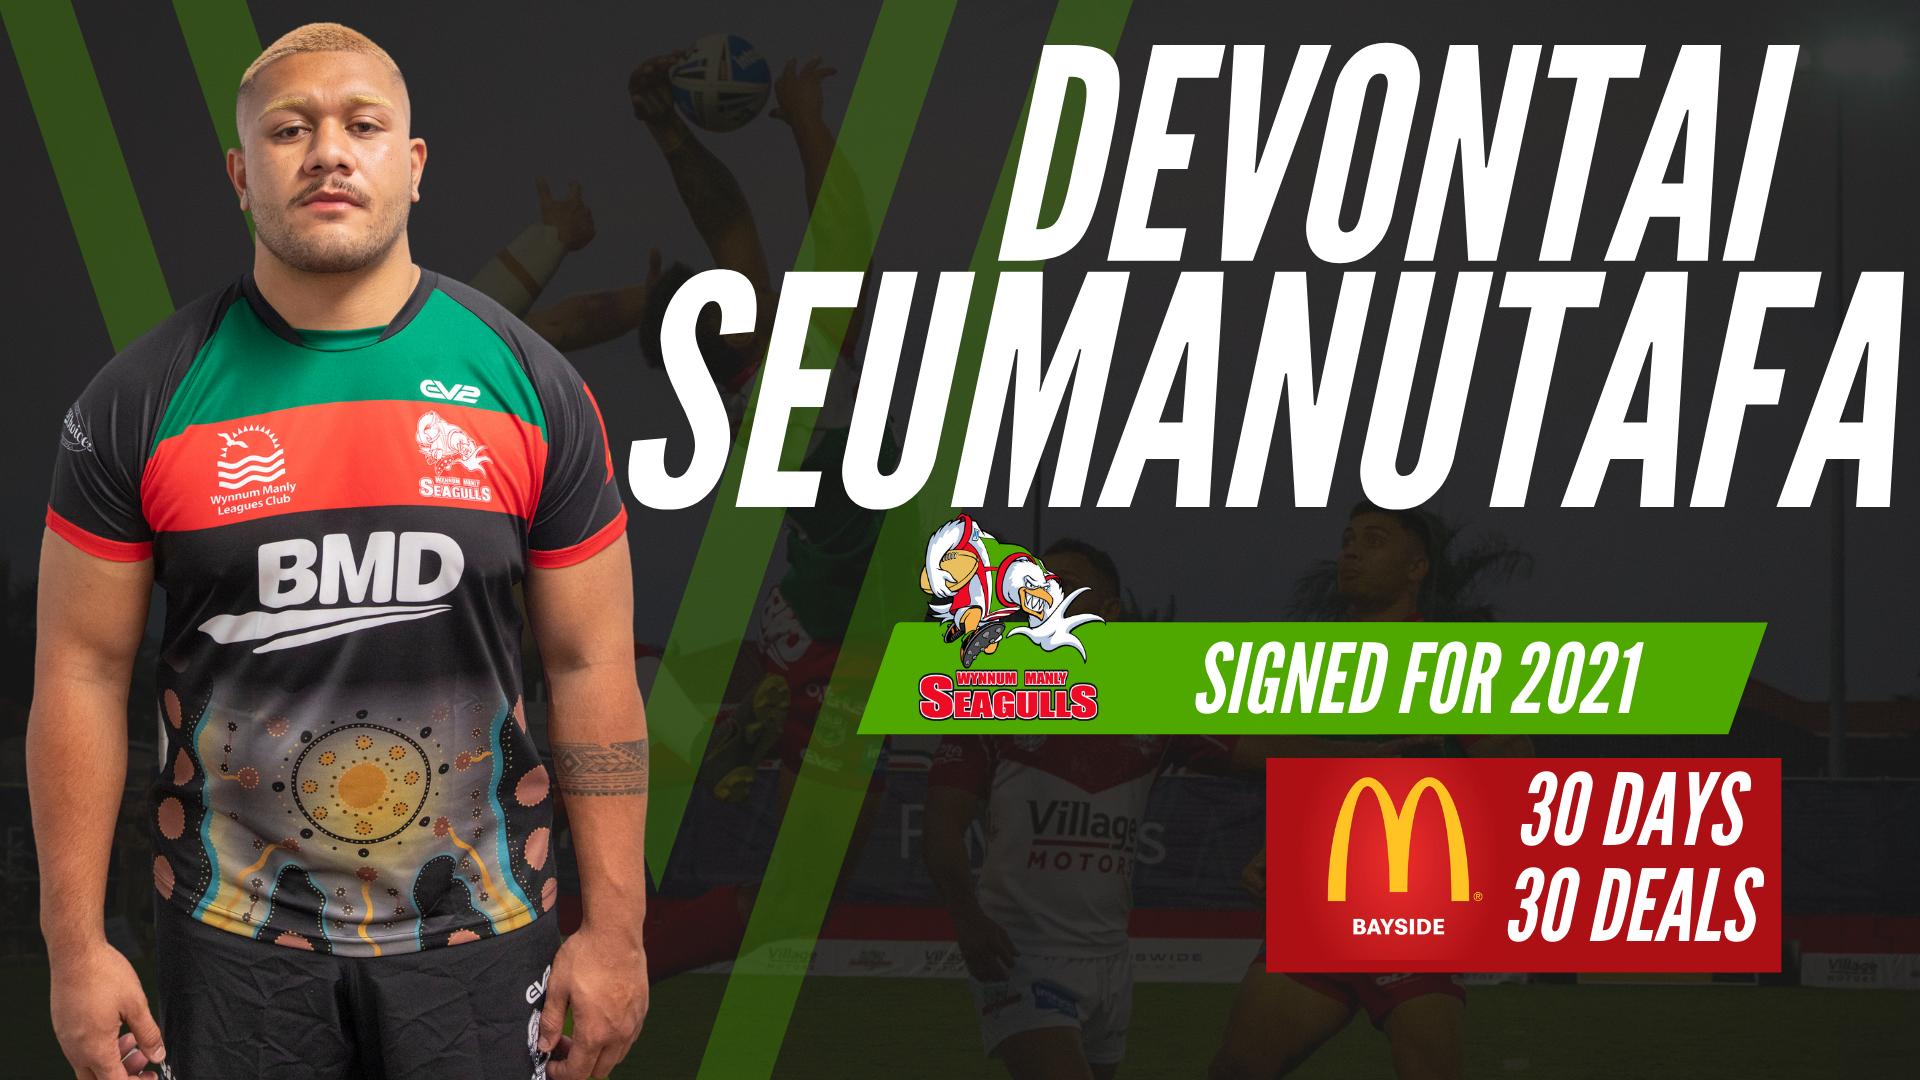 Devontai Seumanutafa signed for 2021